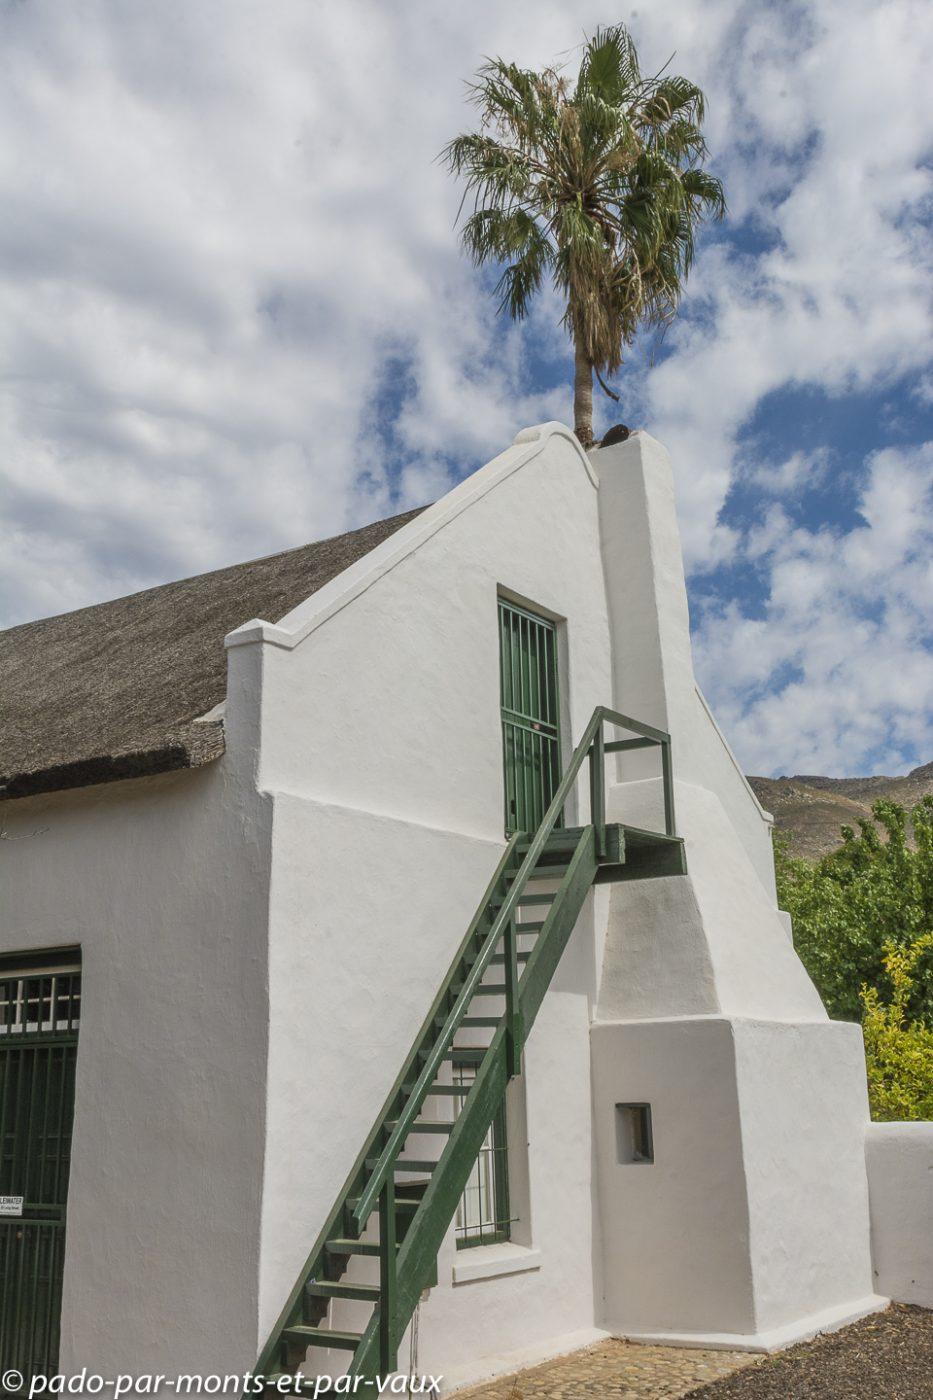 Montagu - In Abundance guesthouse